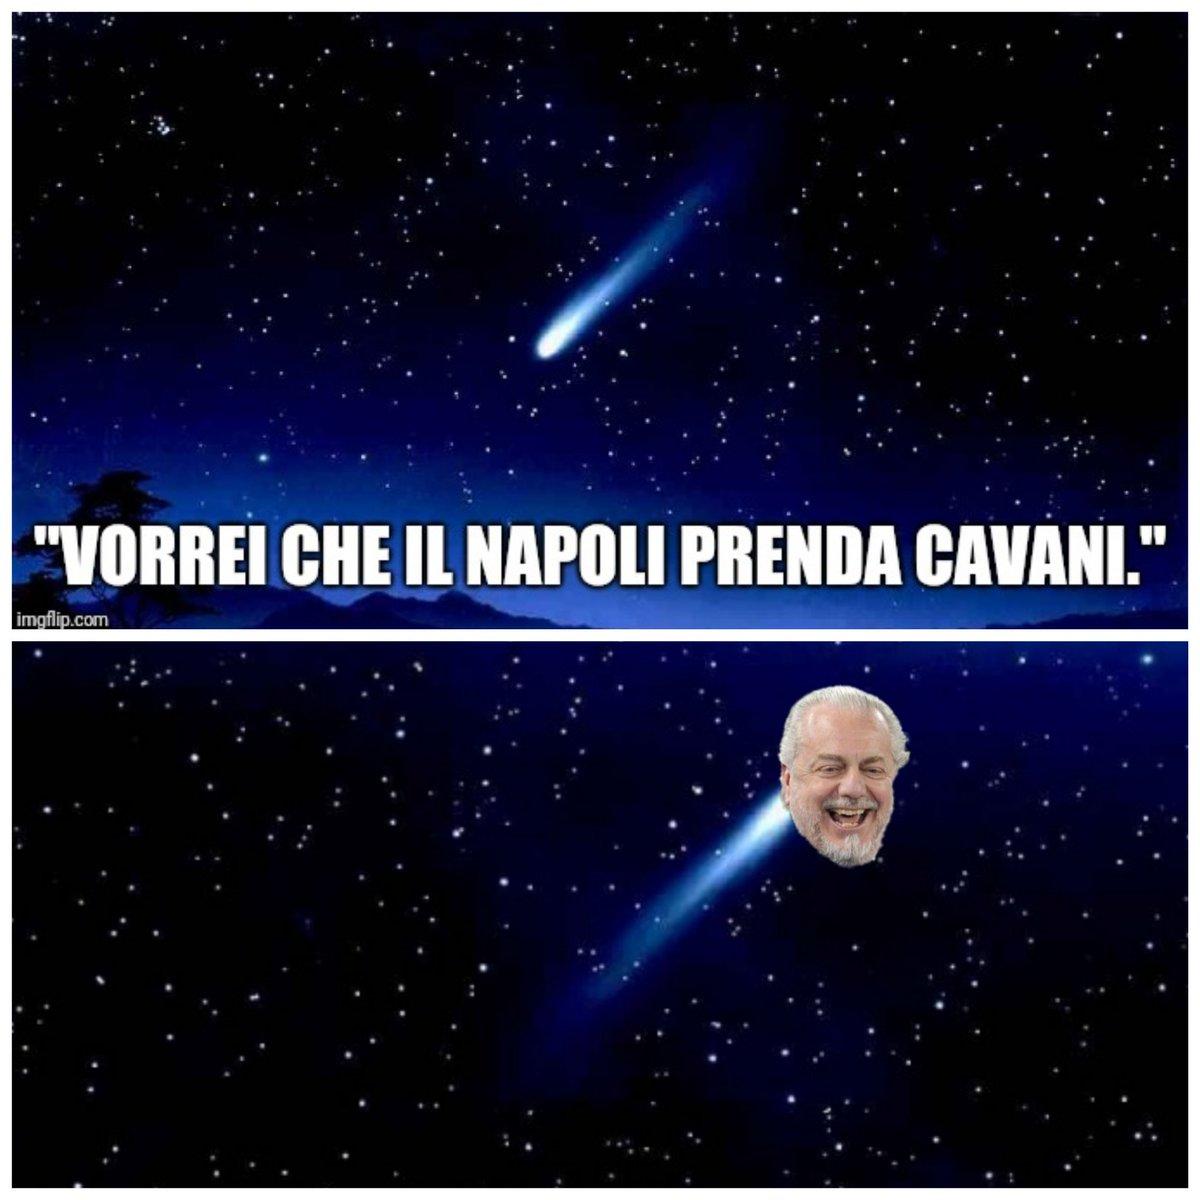 La magia delle stelle cadenti di questa notte di #SanLorenzo.#Cavani #ADL  - Ukustom